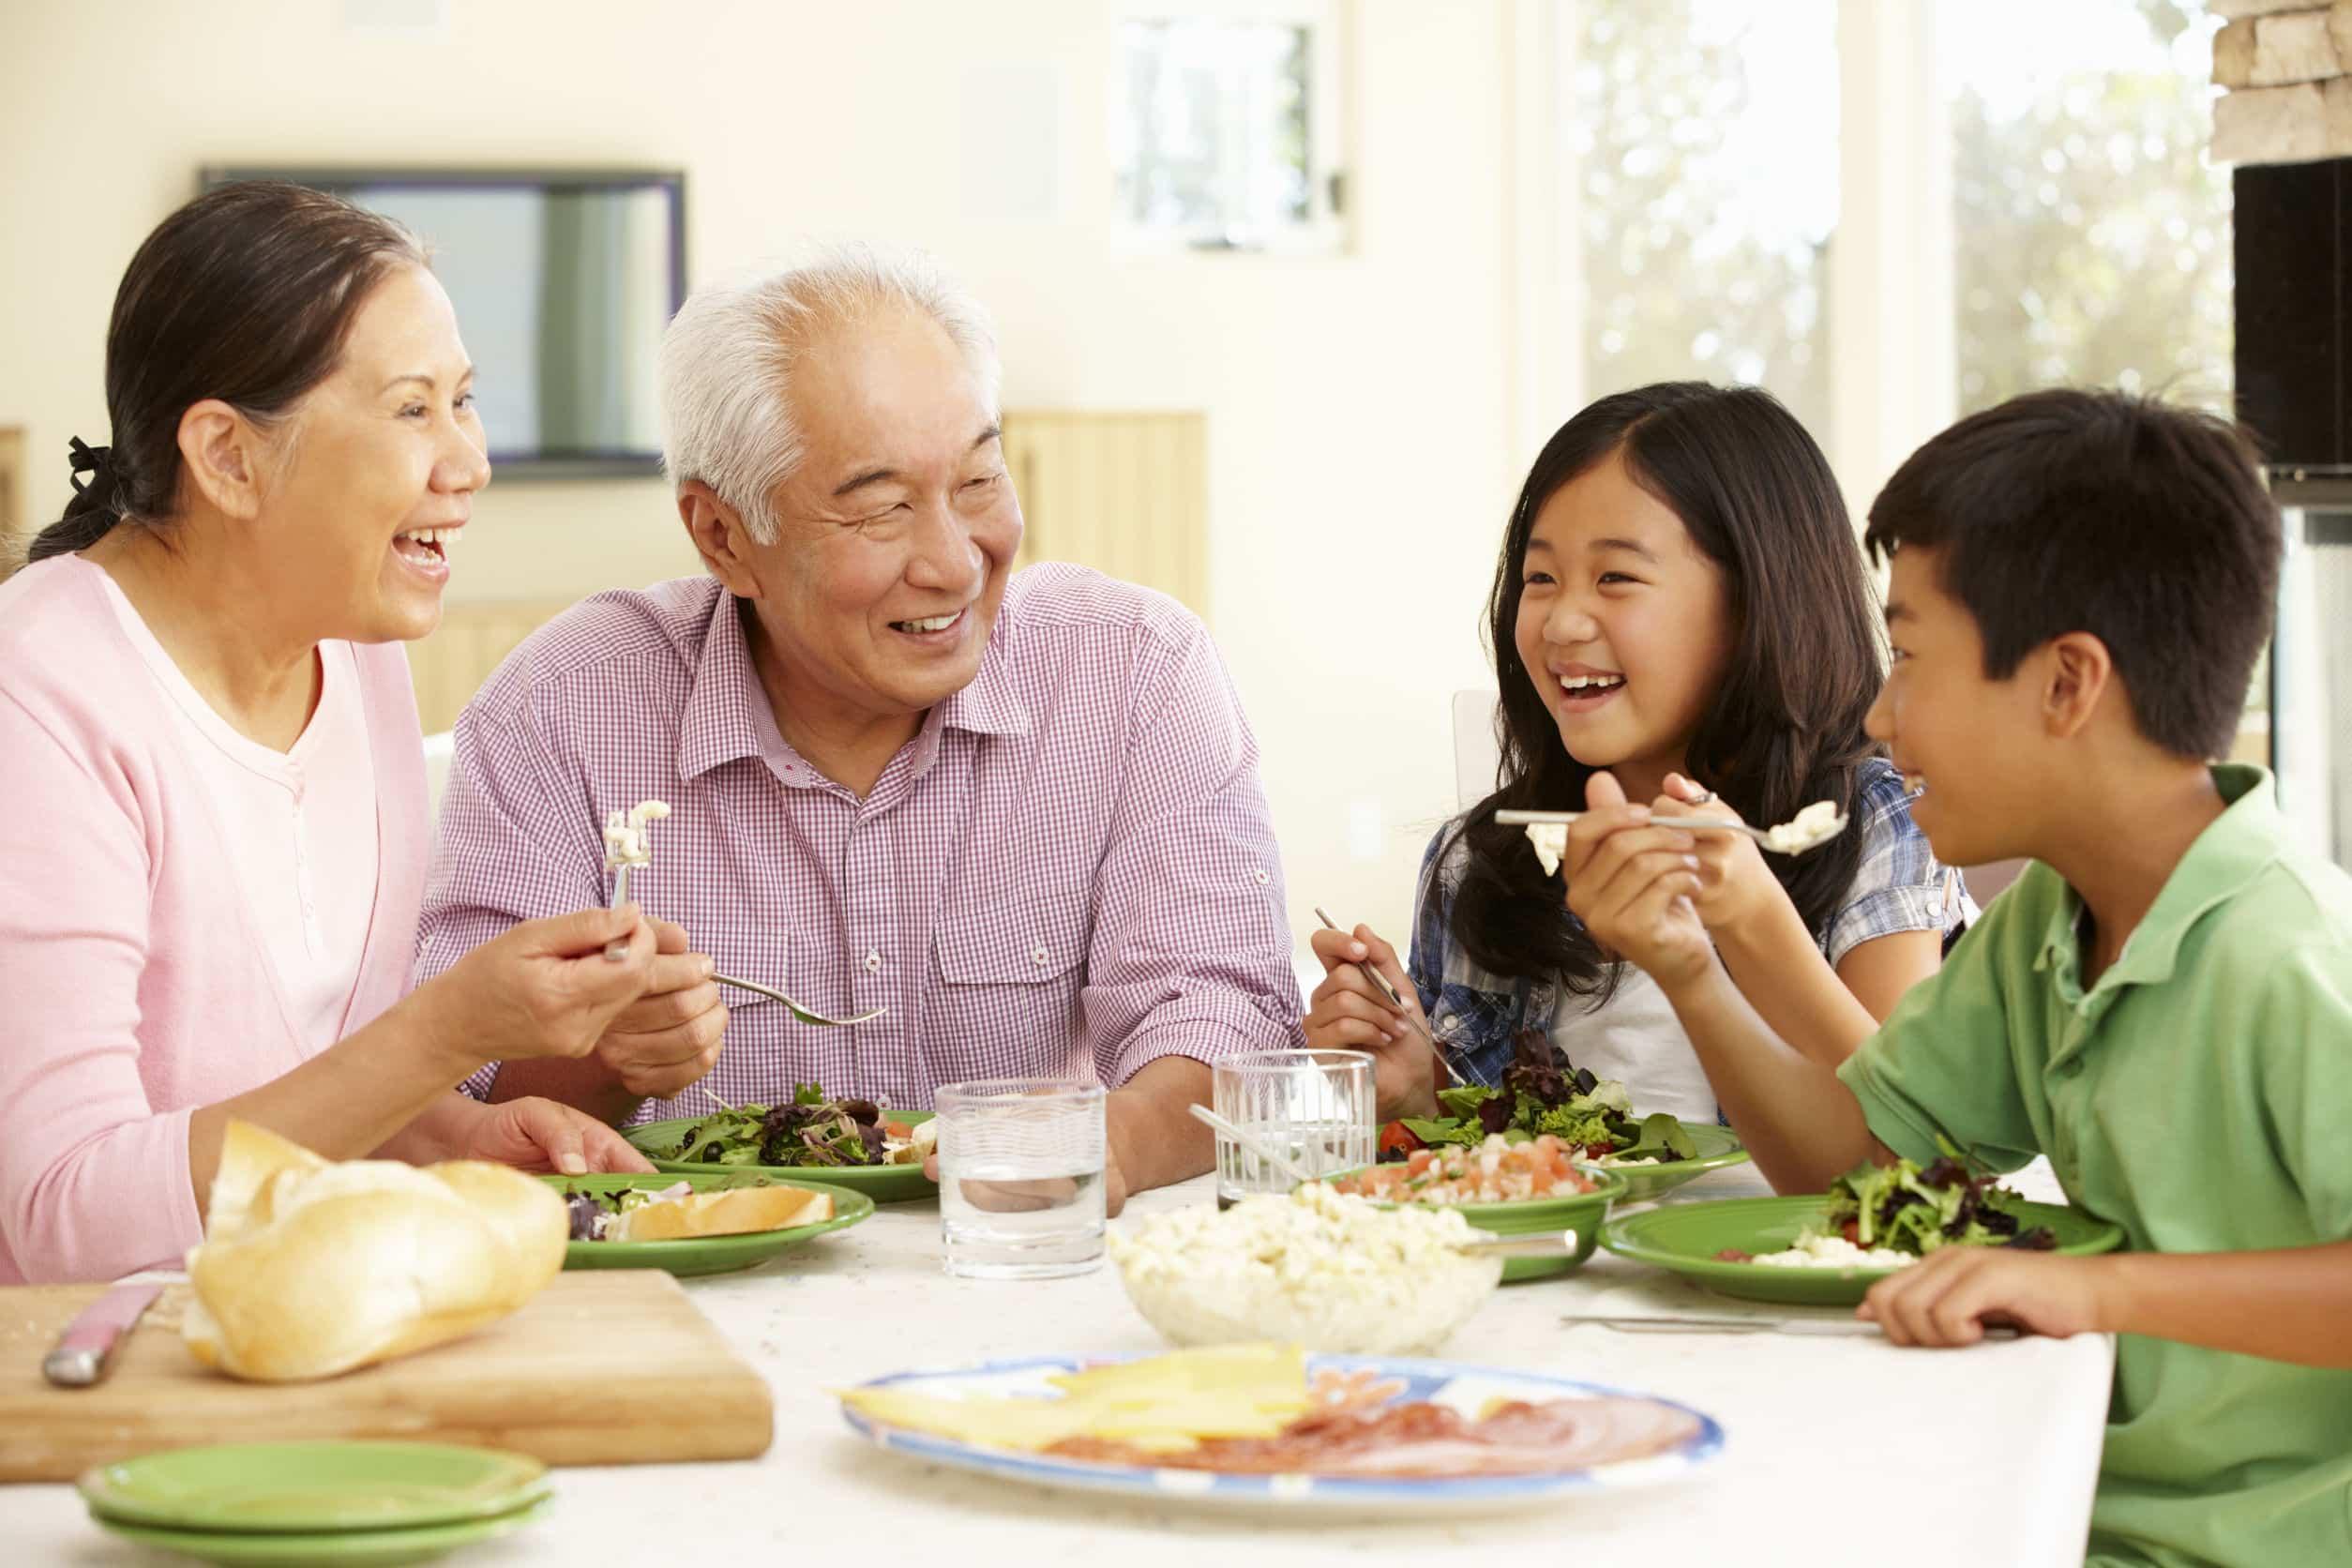 Benefits Family Dinner